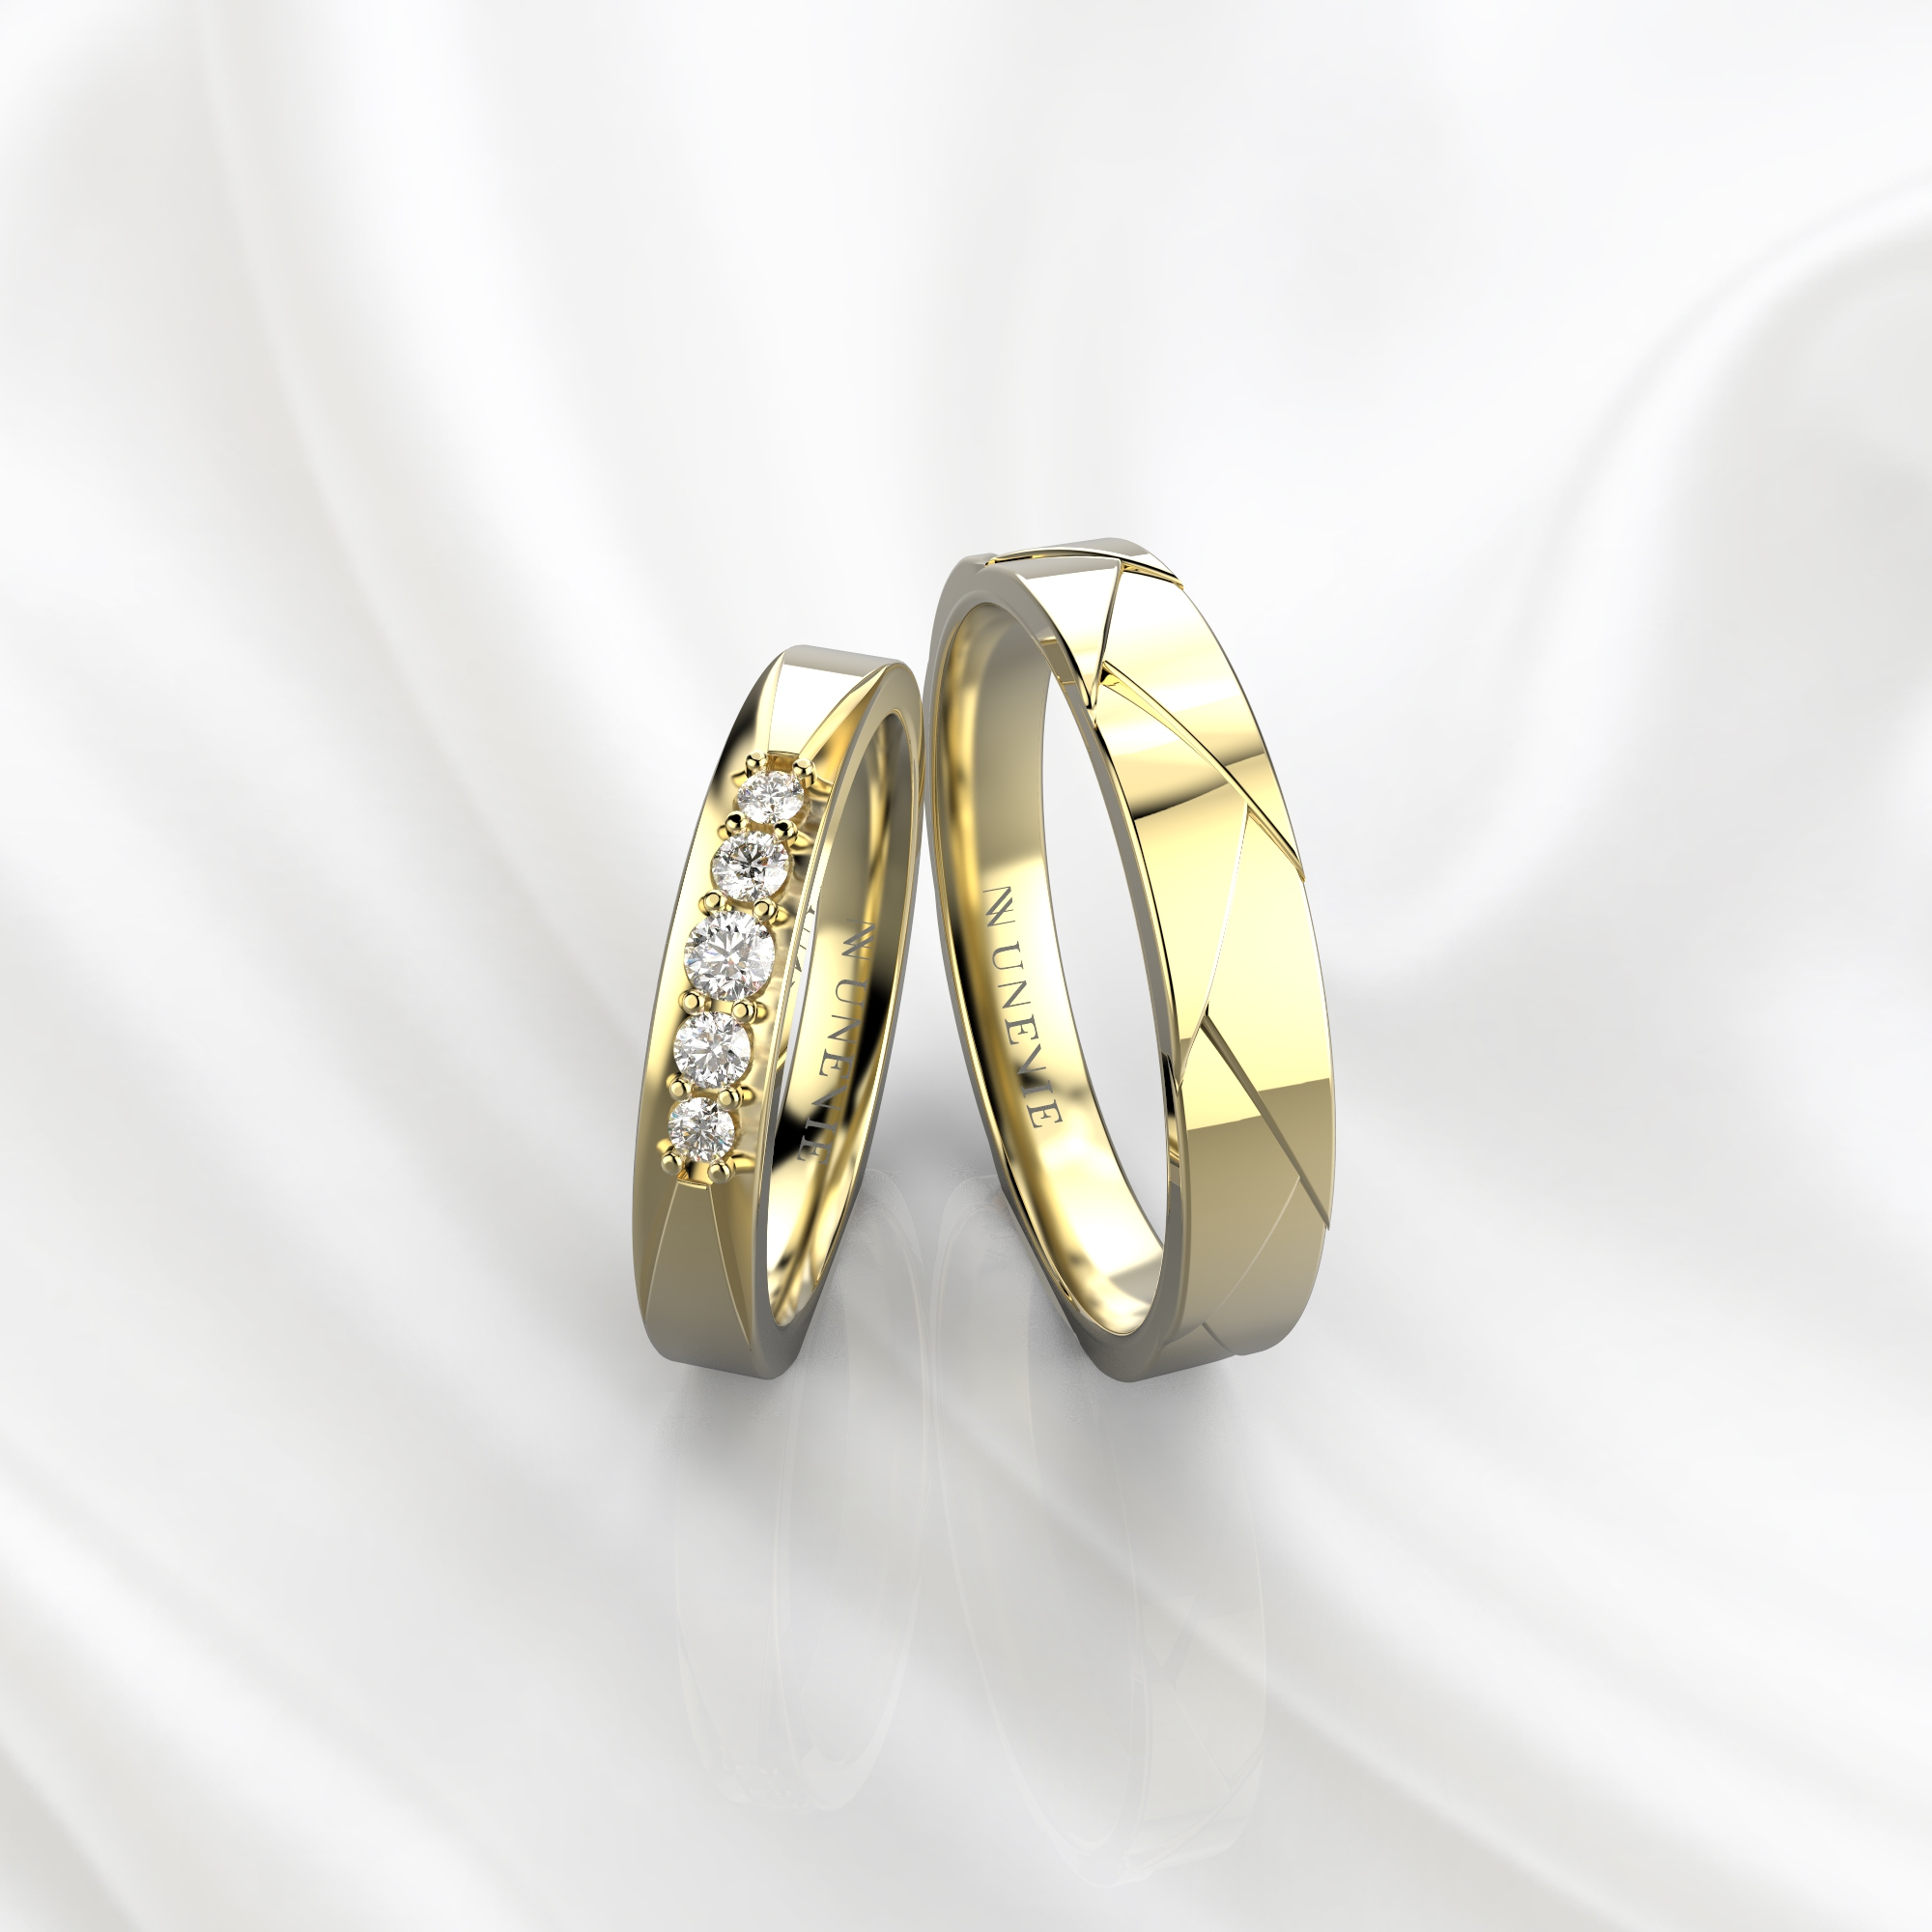 NV82 Парные обручальные кольца из желтого золота с бриллиантами